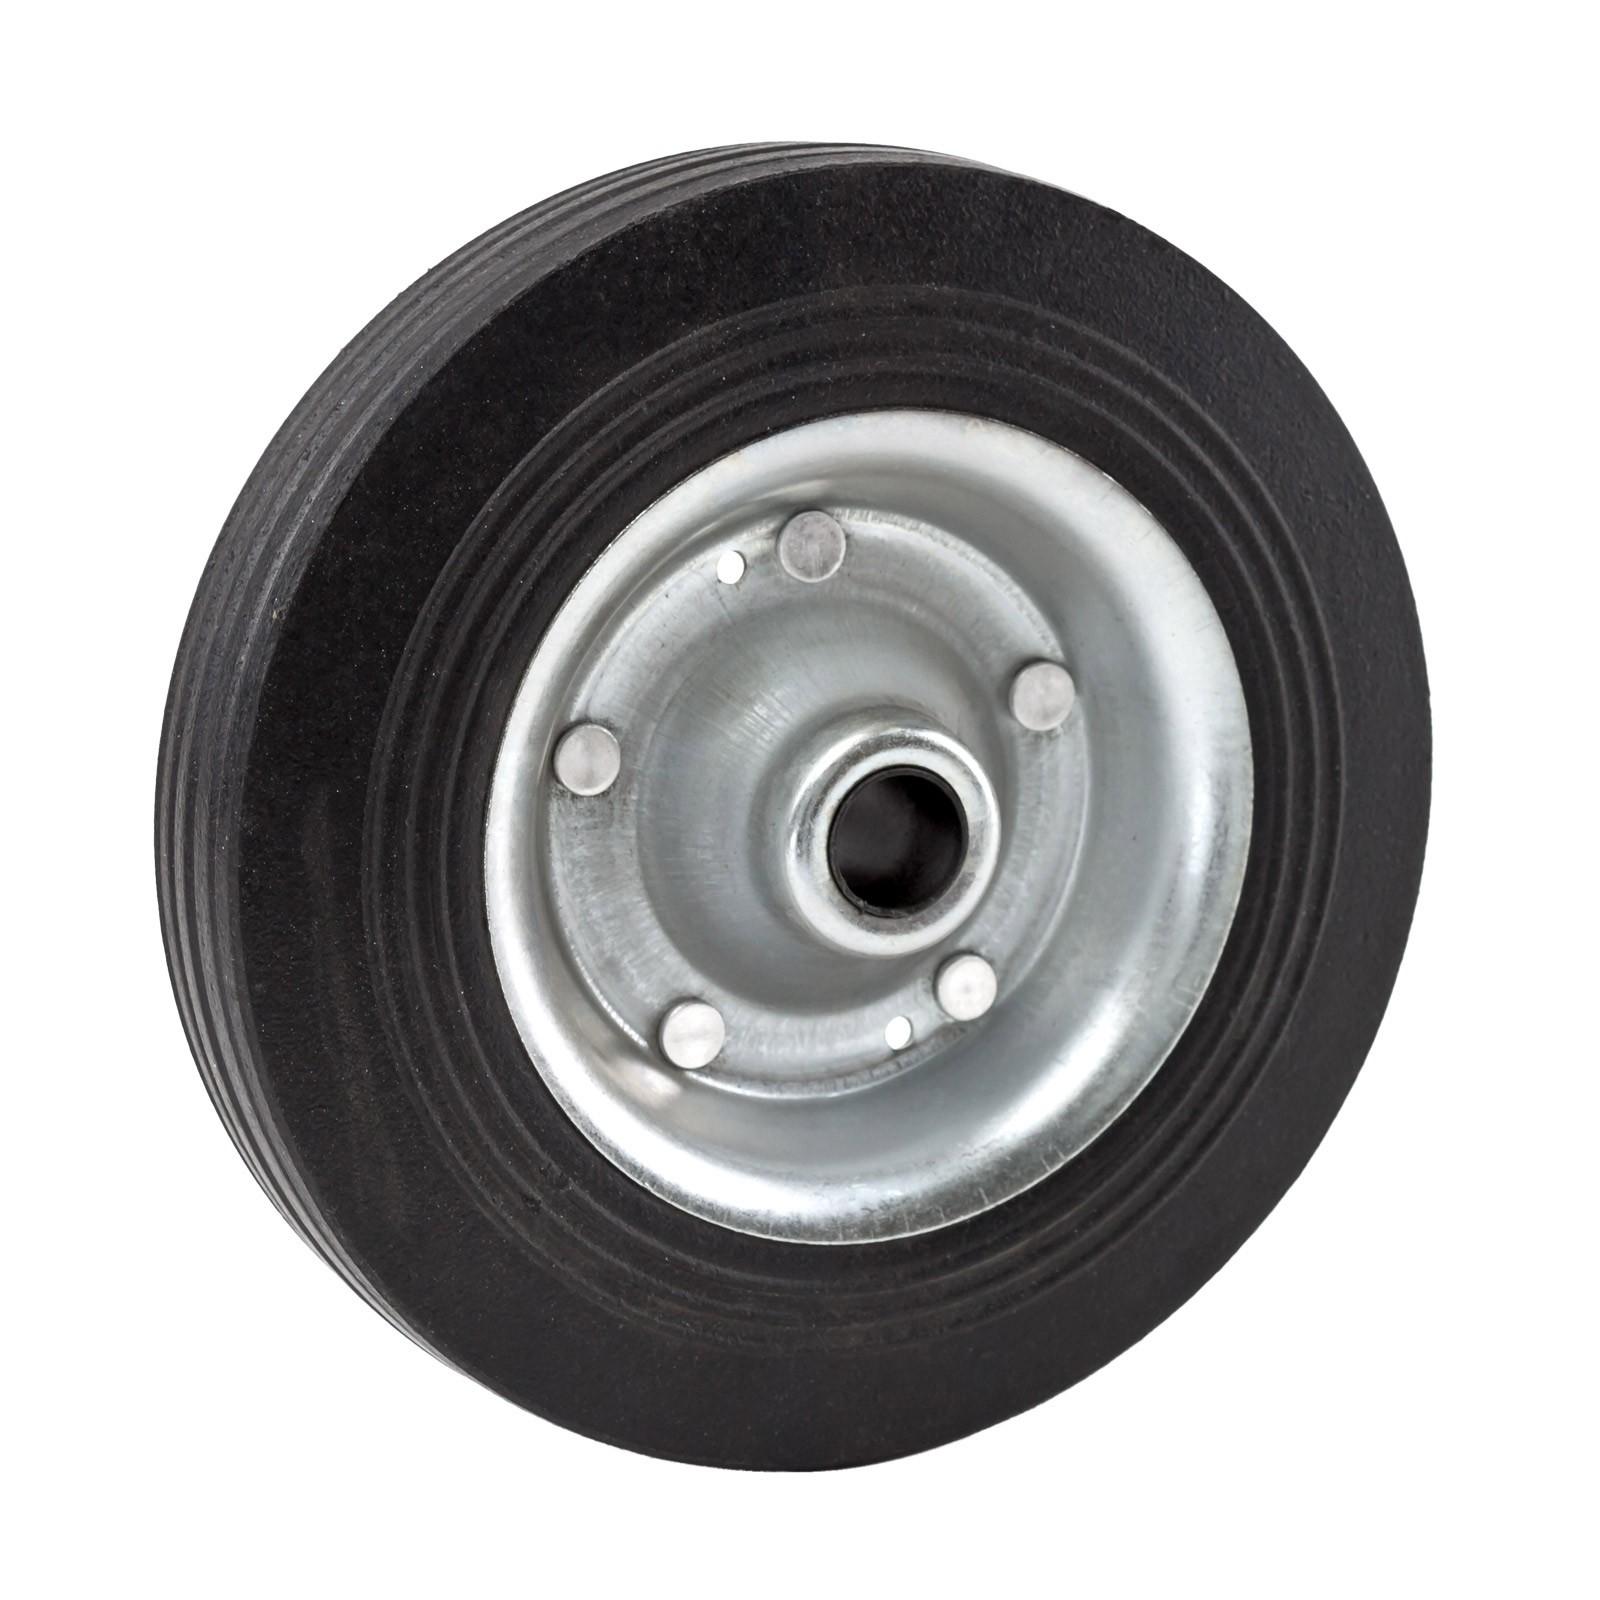 Dema Vollgummi Metall Ersatz Rad Reifen zu Stützrad Stütze Anhänger Wohnwagen 20107